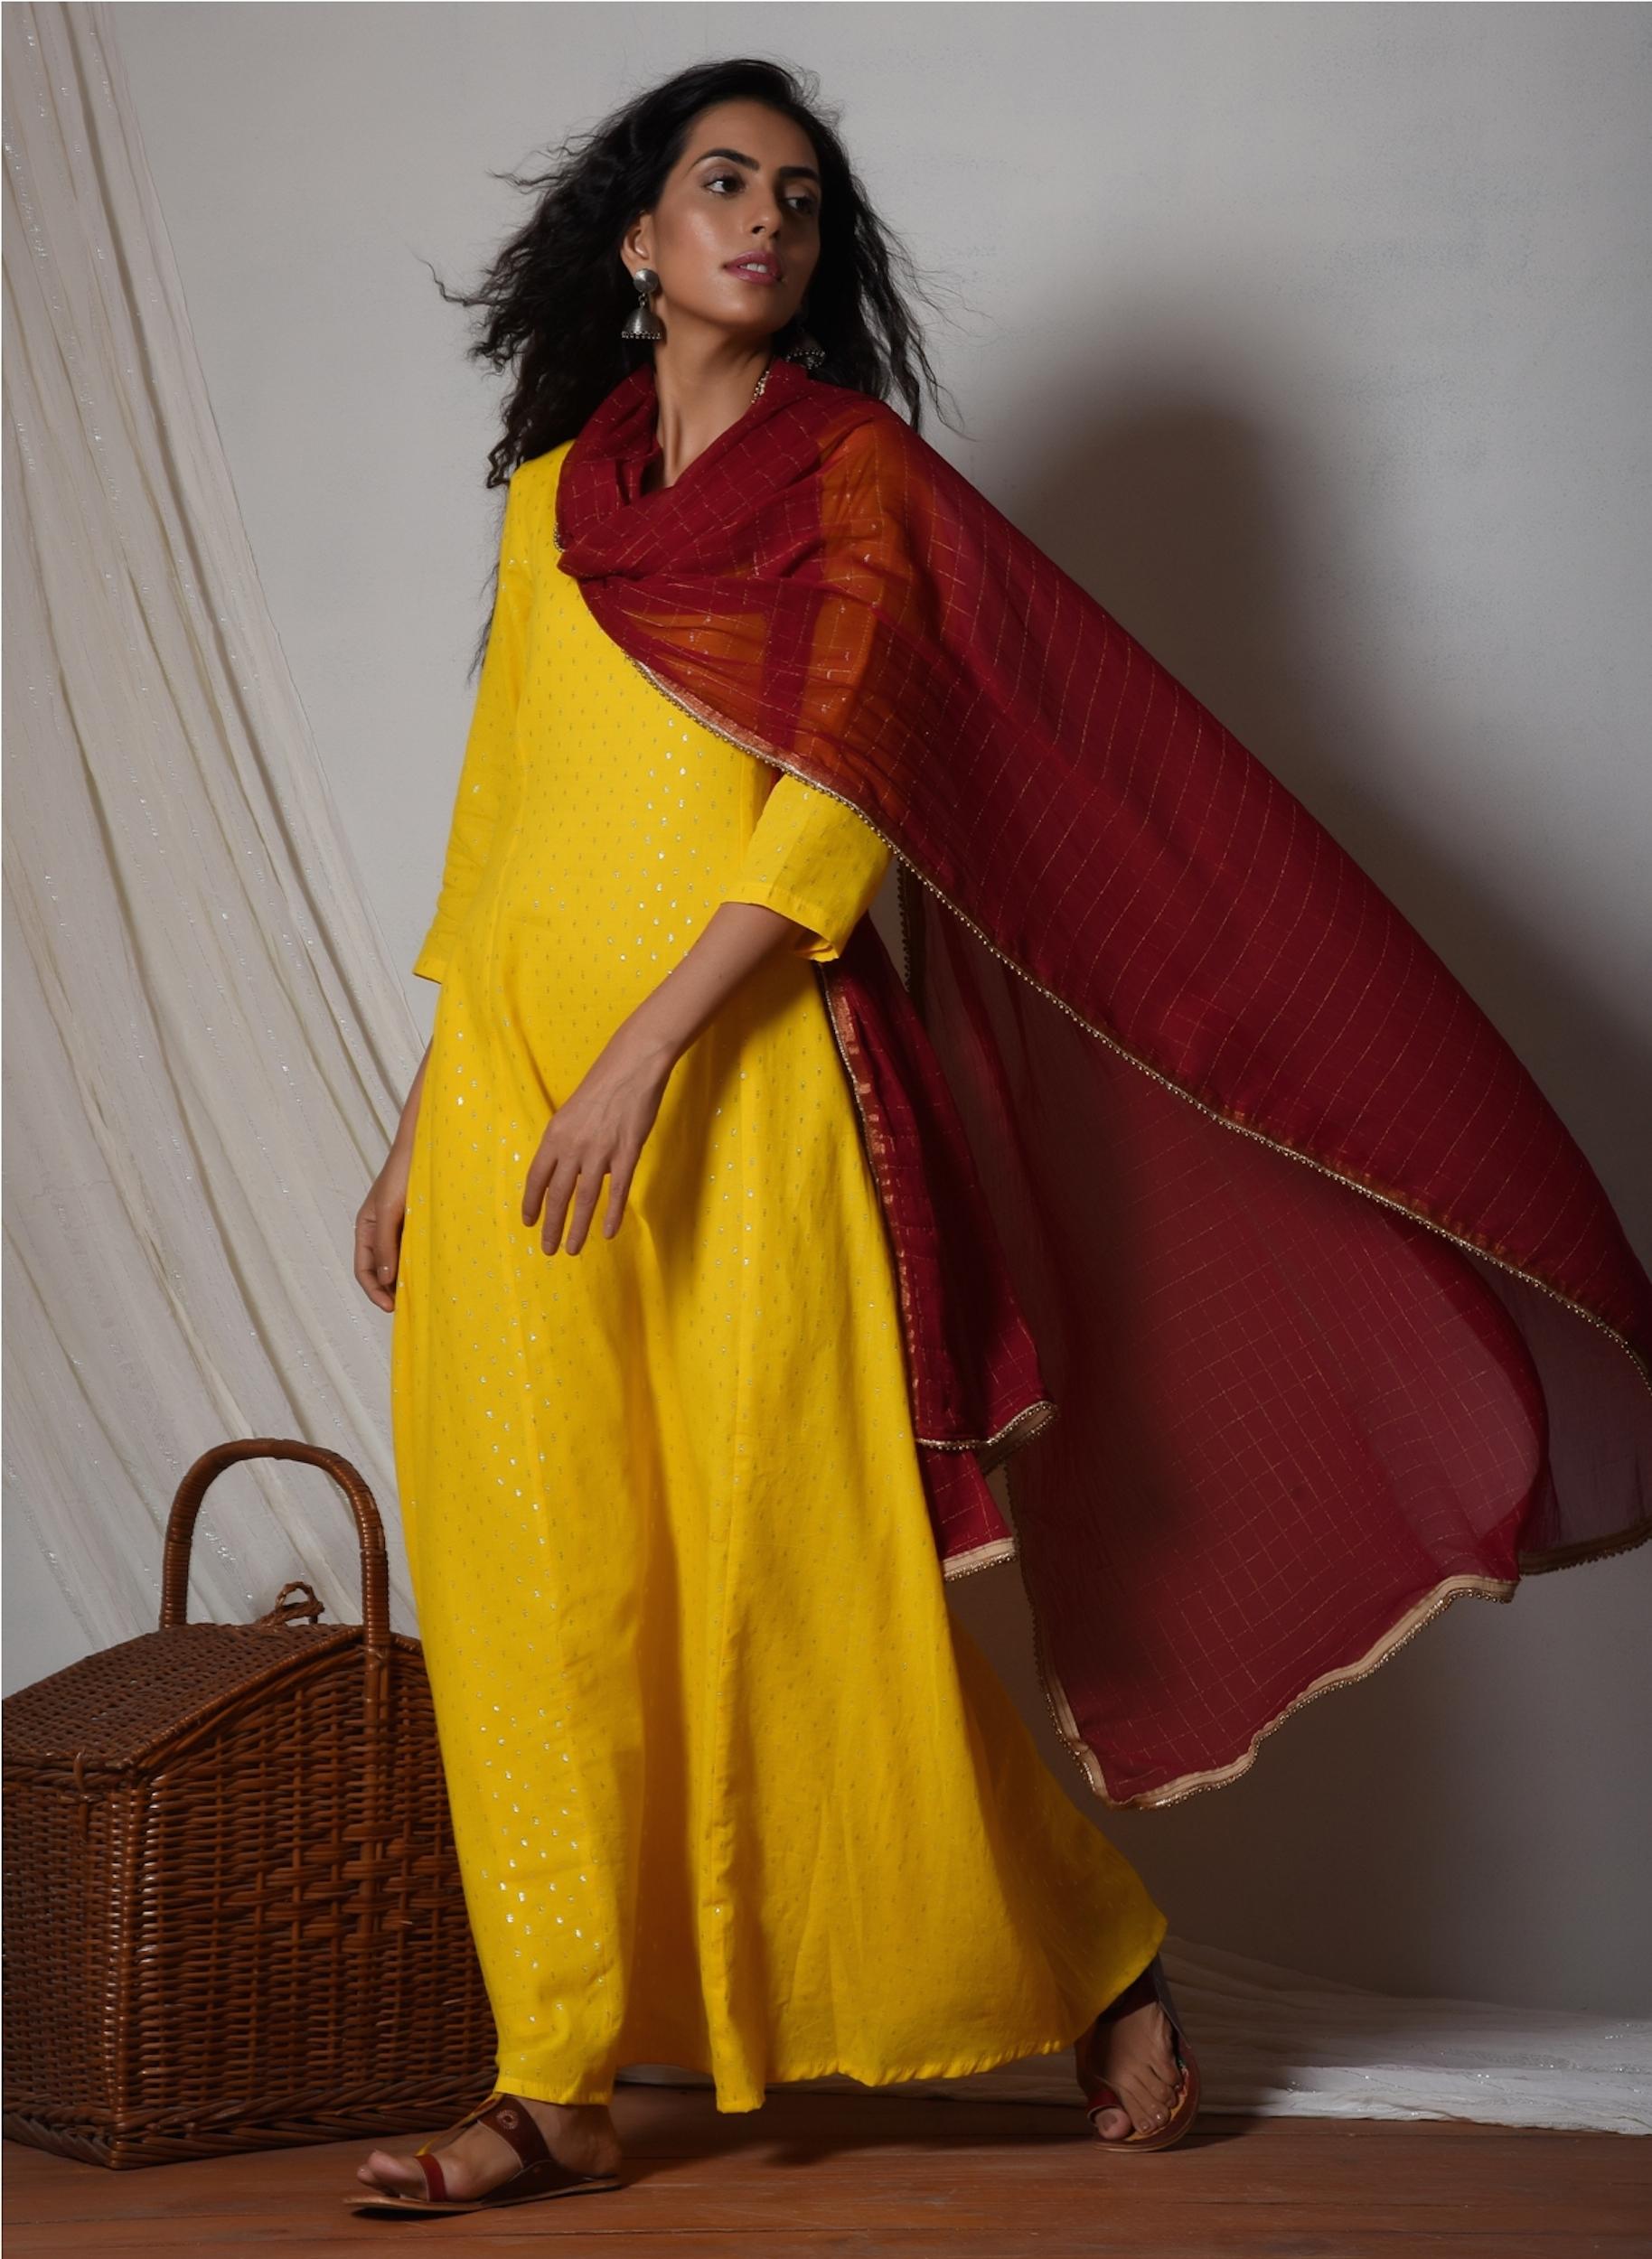 Yellow kurta dress with red chiffon dupatta